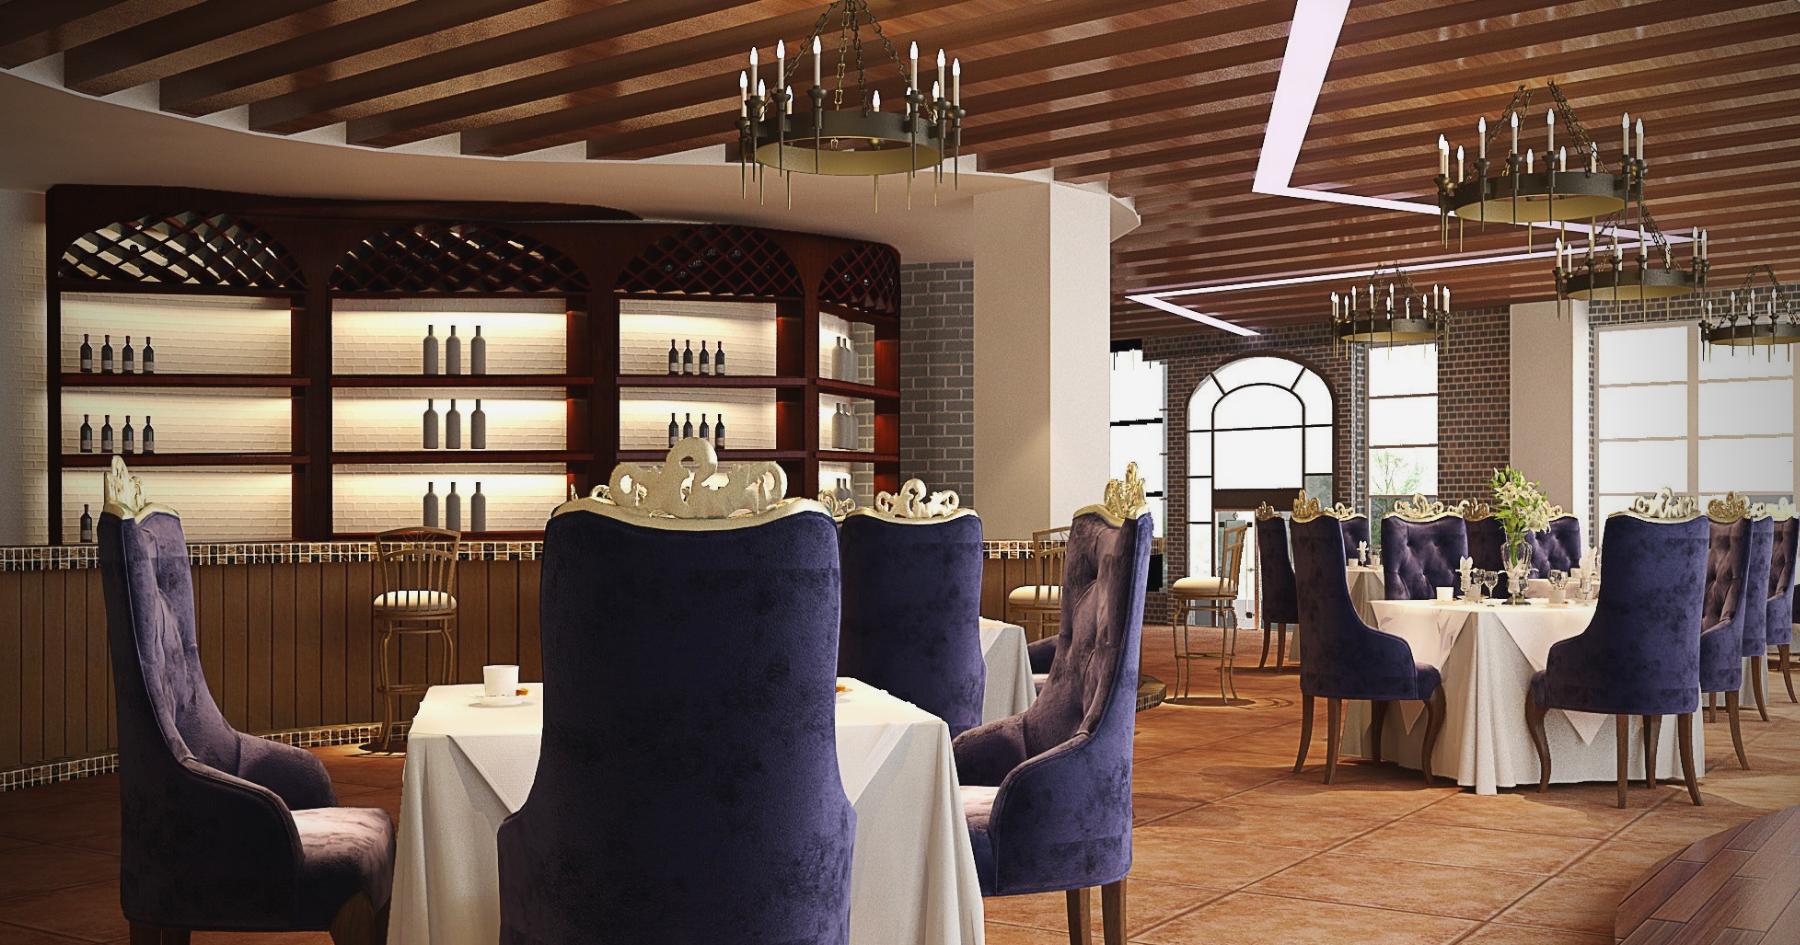 Proposta di arredamento ristorante elegante